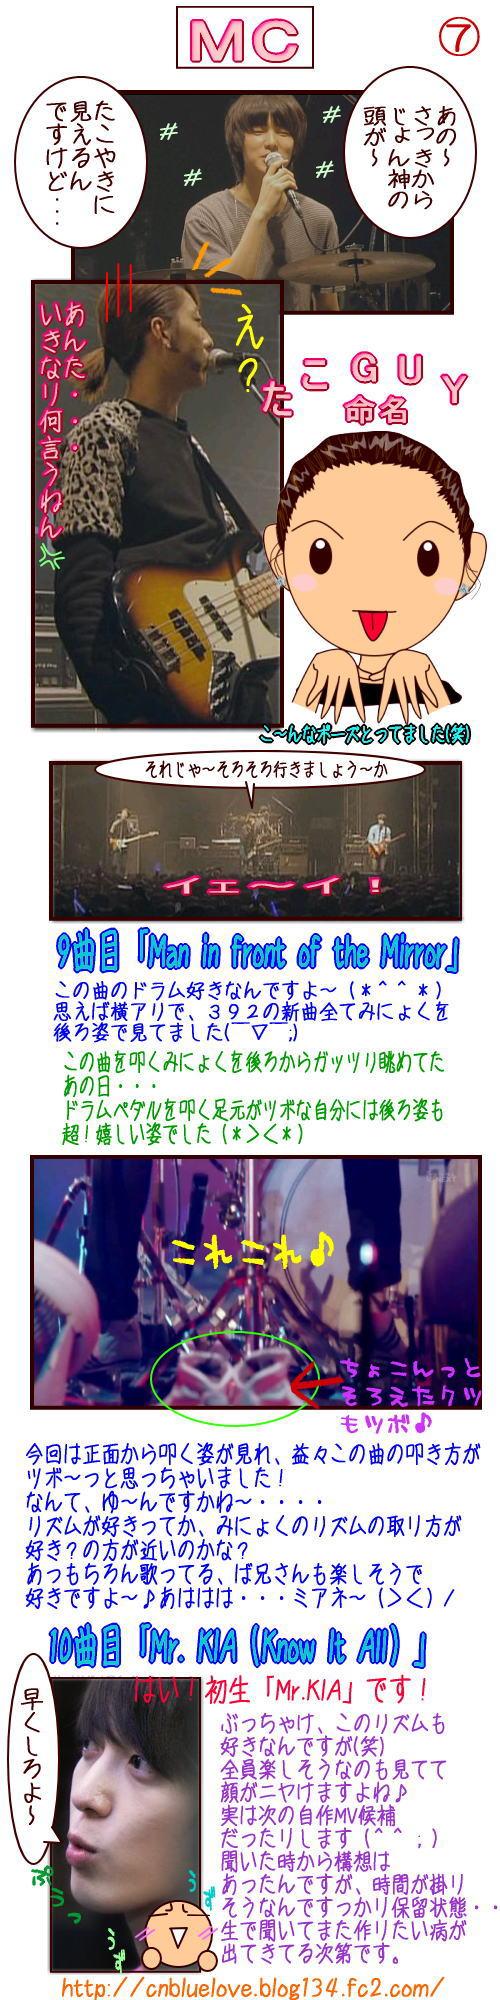 23.12.14Zepp大阪参戦レポ-7